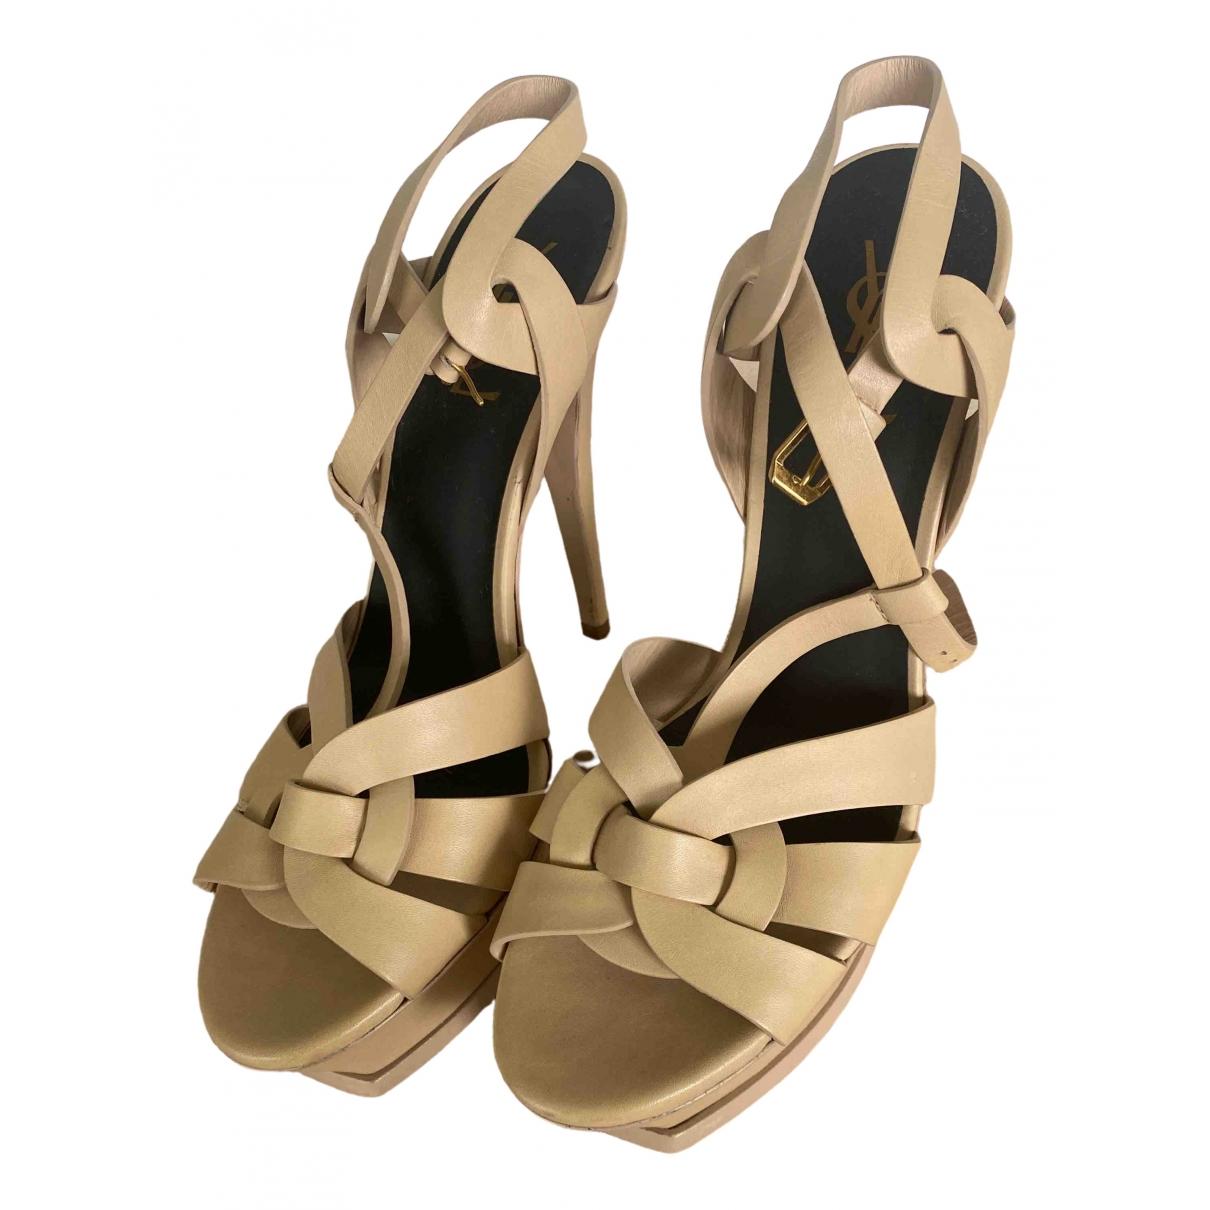 Saint Laurent Tribute Beige Leather Sandals for Women 40 EU